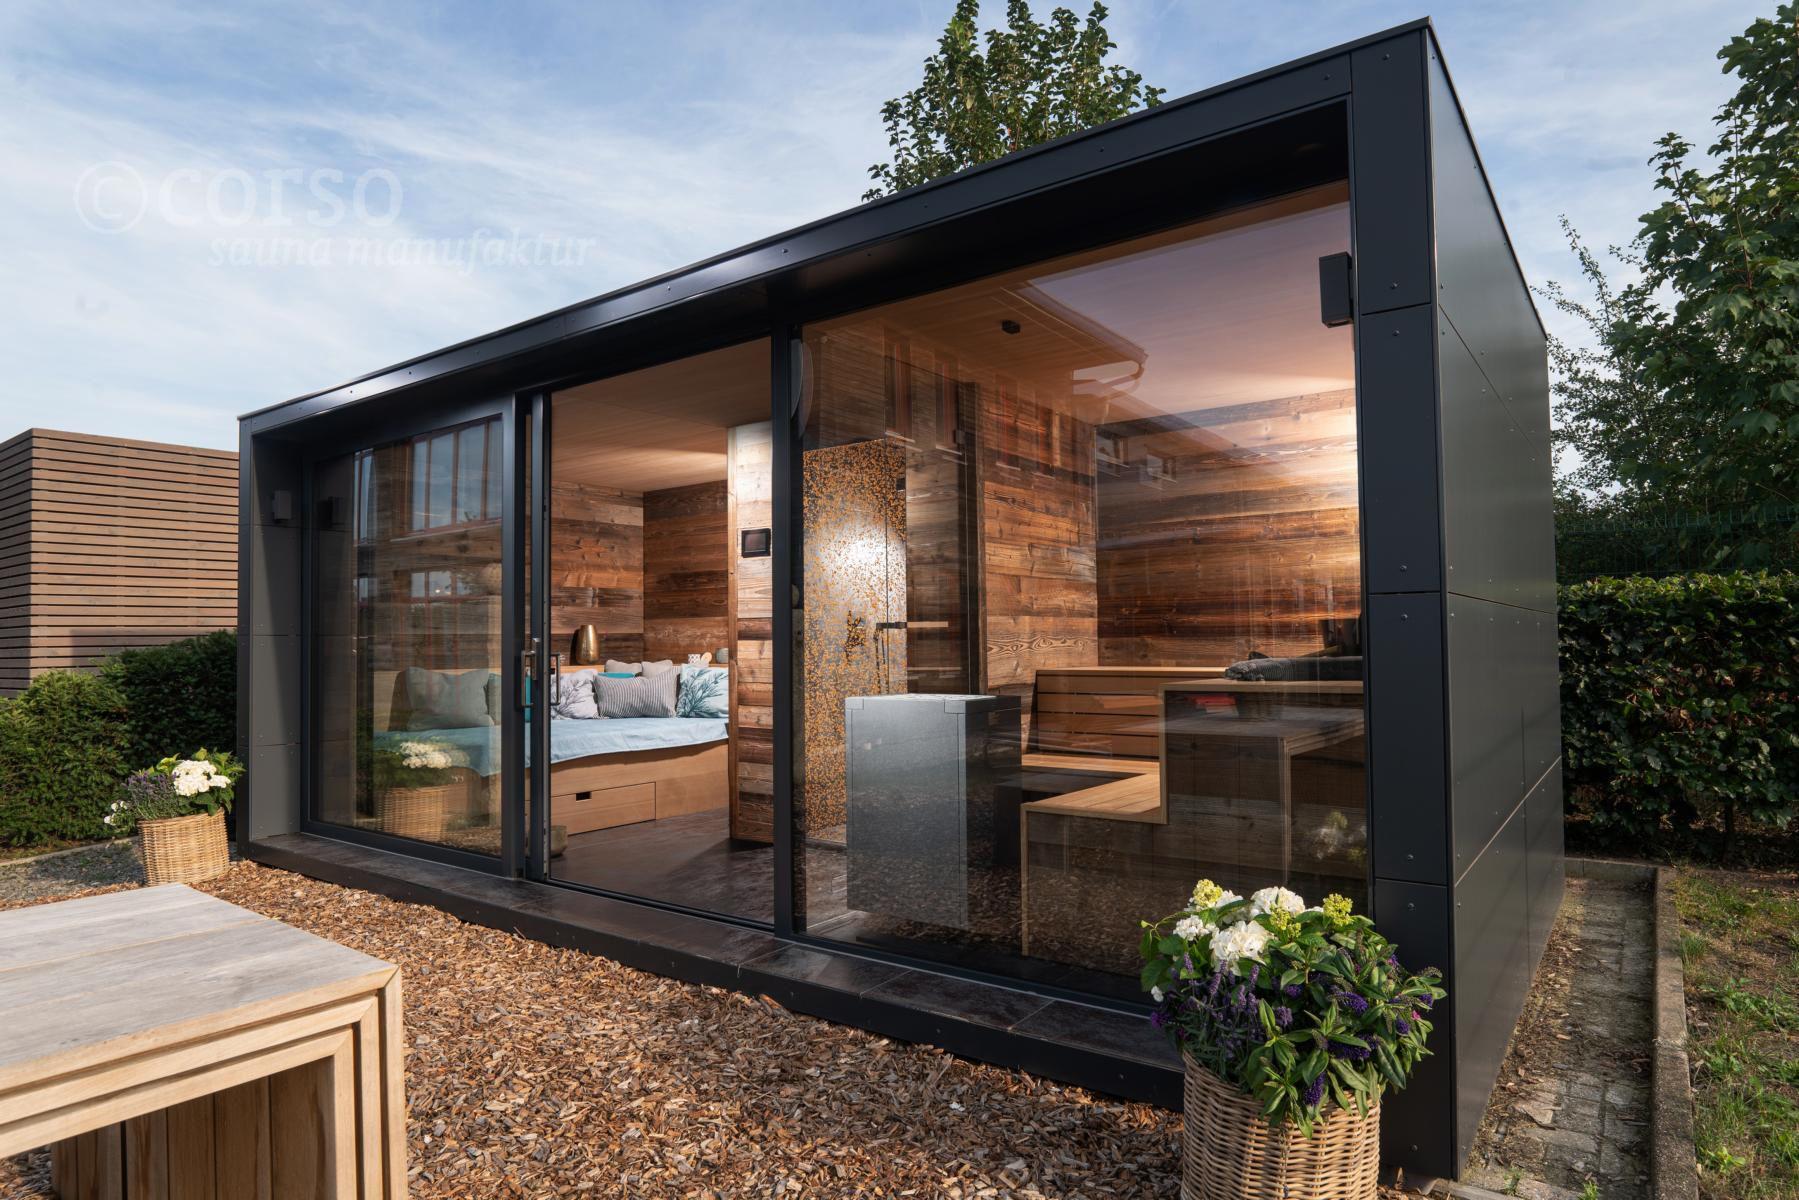 Aussensauna Corso Chalet Saunahaus Sauna Im Garten Gartenhaus Mit Sauna